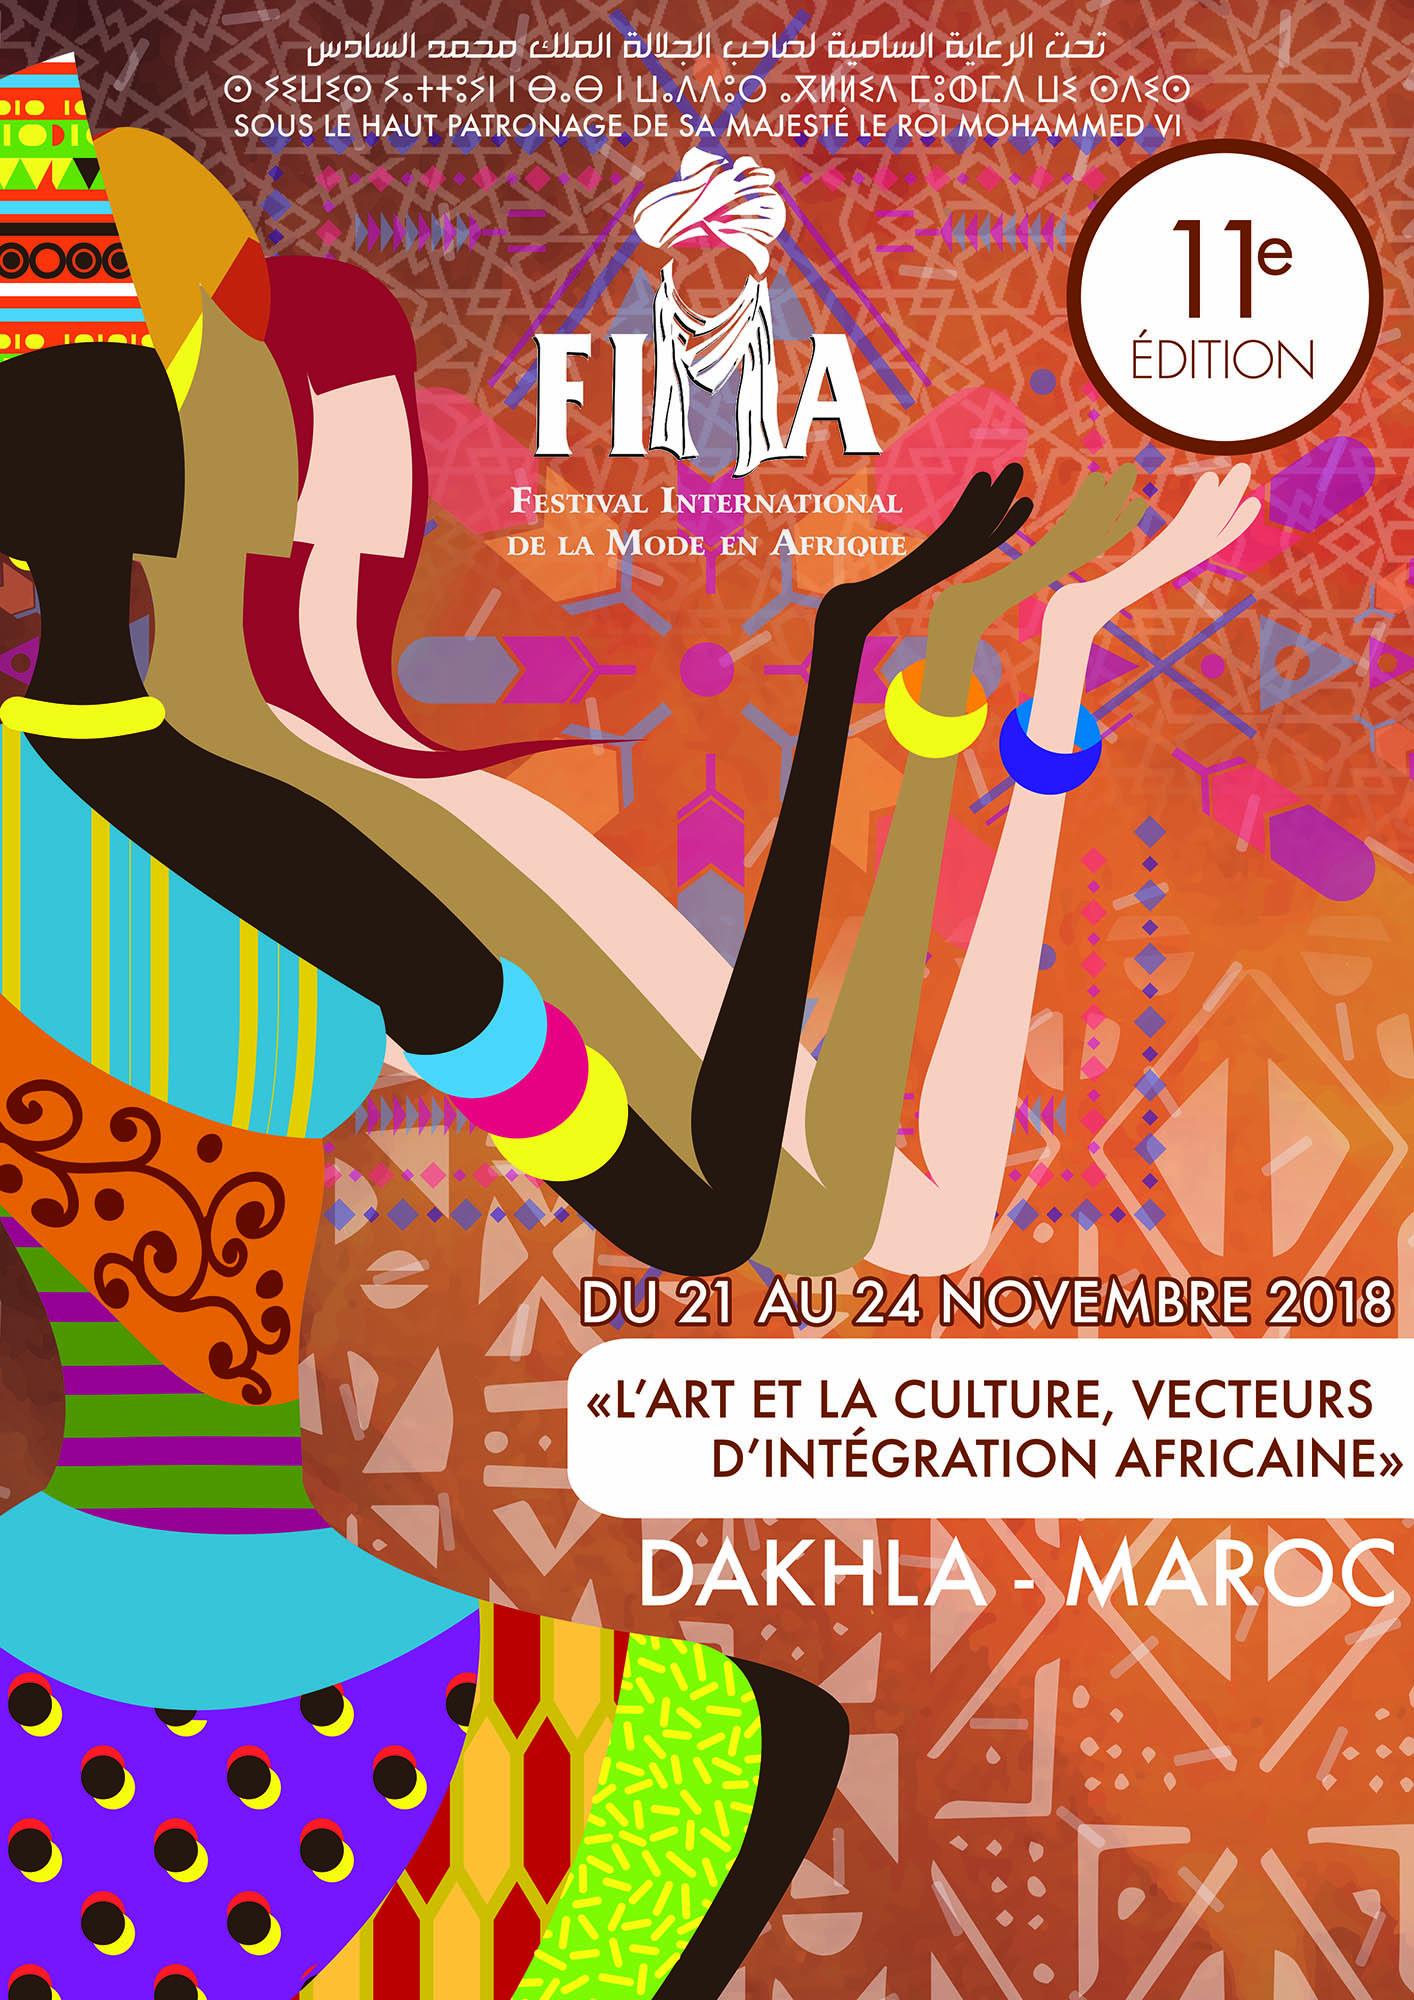 المهرجان الدولي للموضة بإفريقيا: الذكرى الـ 20 والأولى بالمغرب!